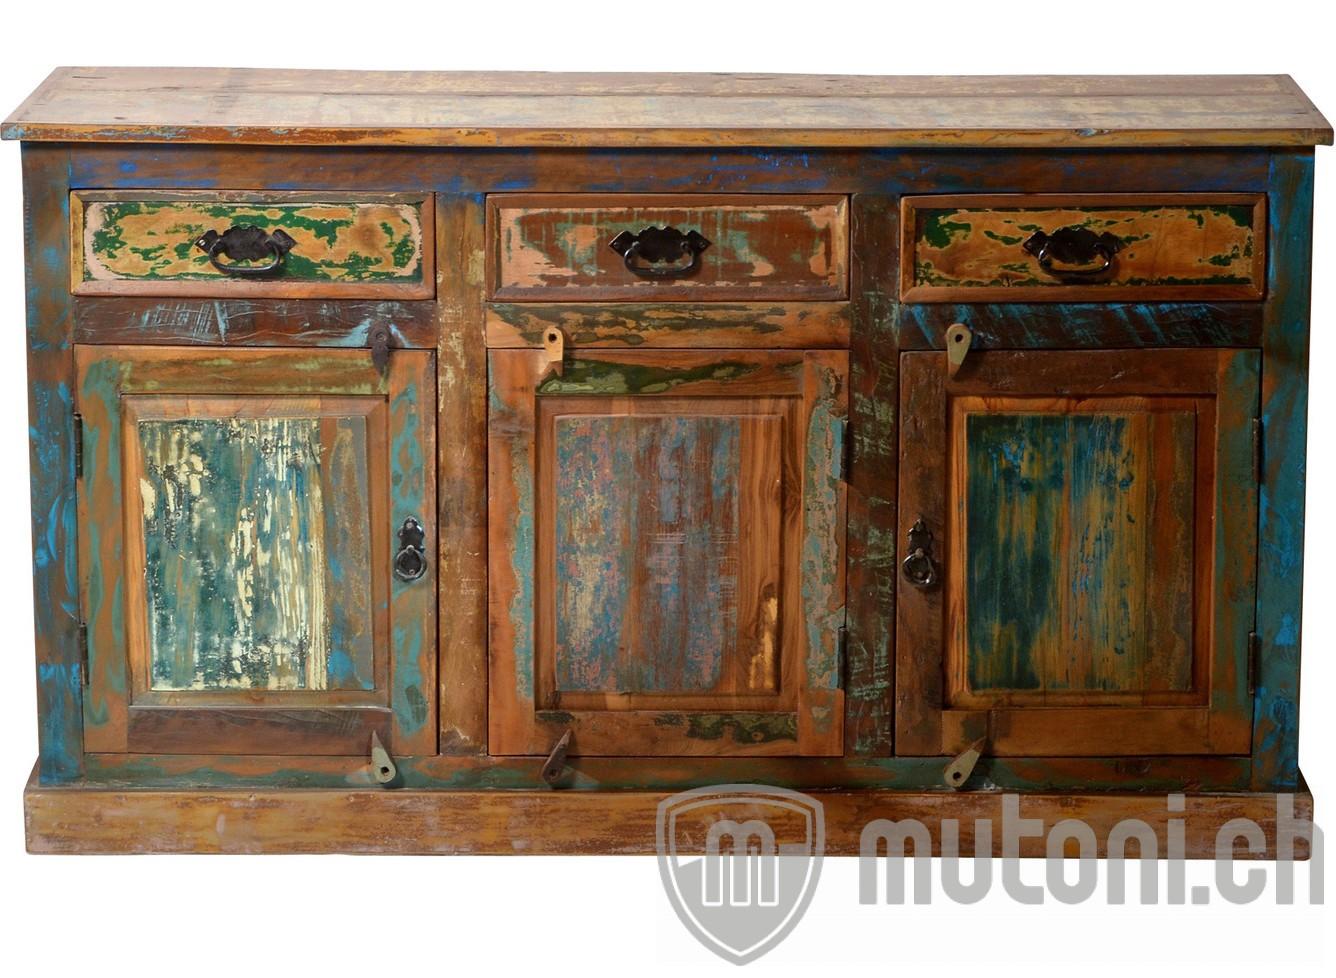 sideboard vintage colored agra bunt 140x80 mutoni living. Black Bedroom Furniture Sets. Home Design Ideas